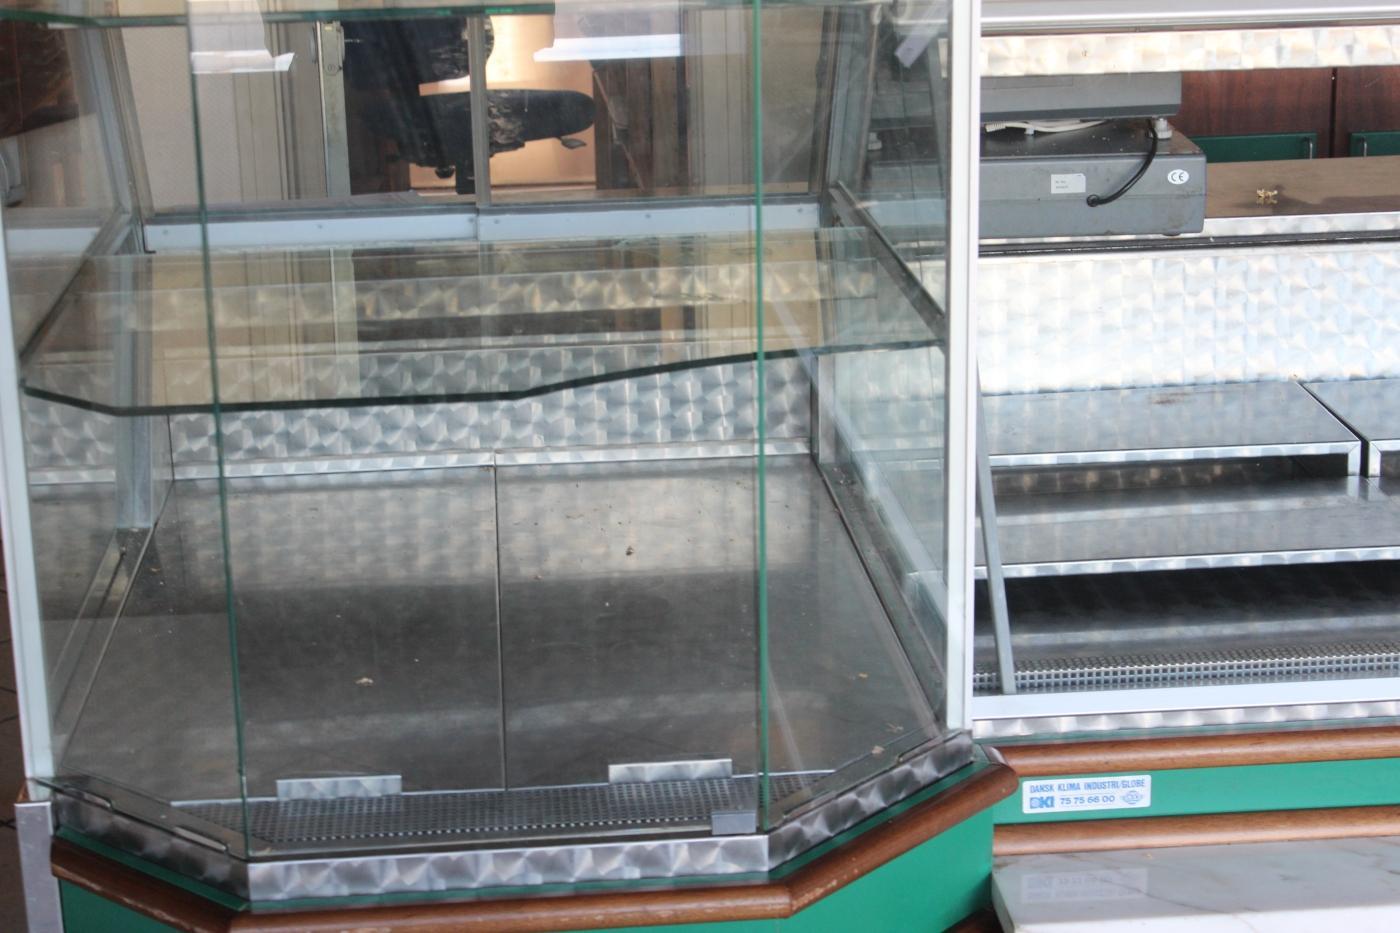 Kühlschrank Vitrine : Vitrine mit kühlschrank kann in abschnitte breite cm